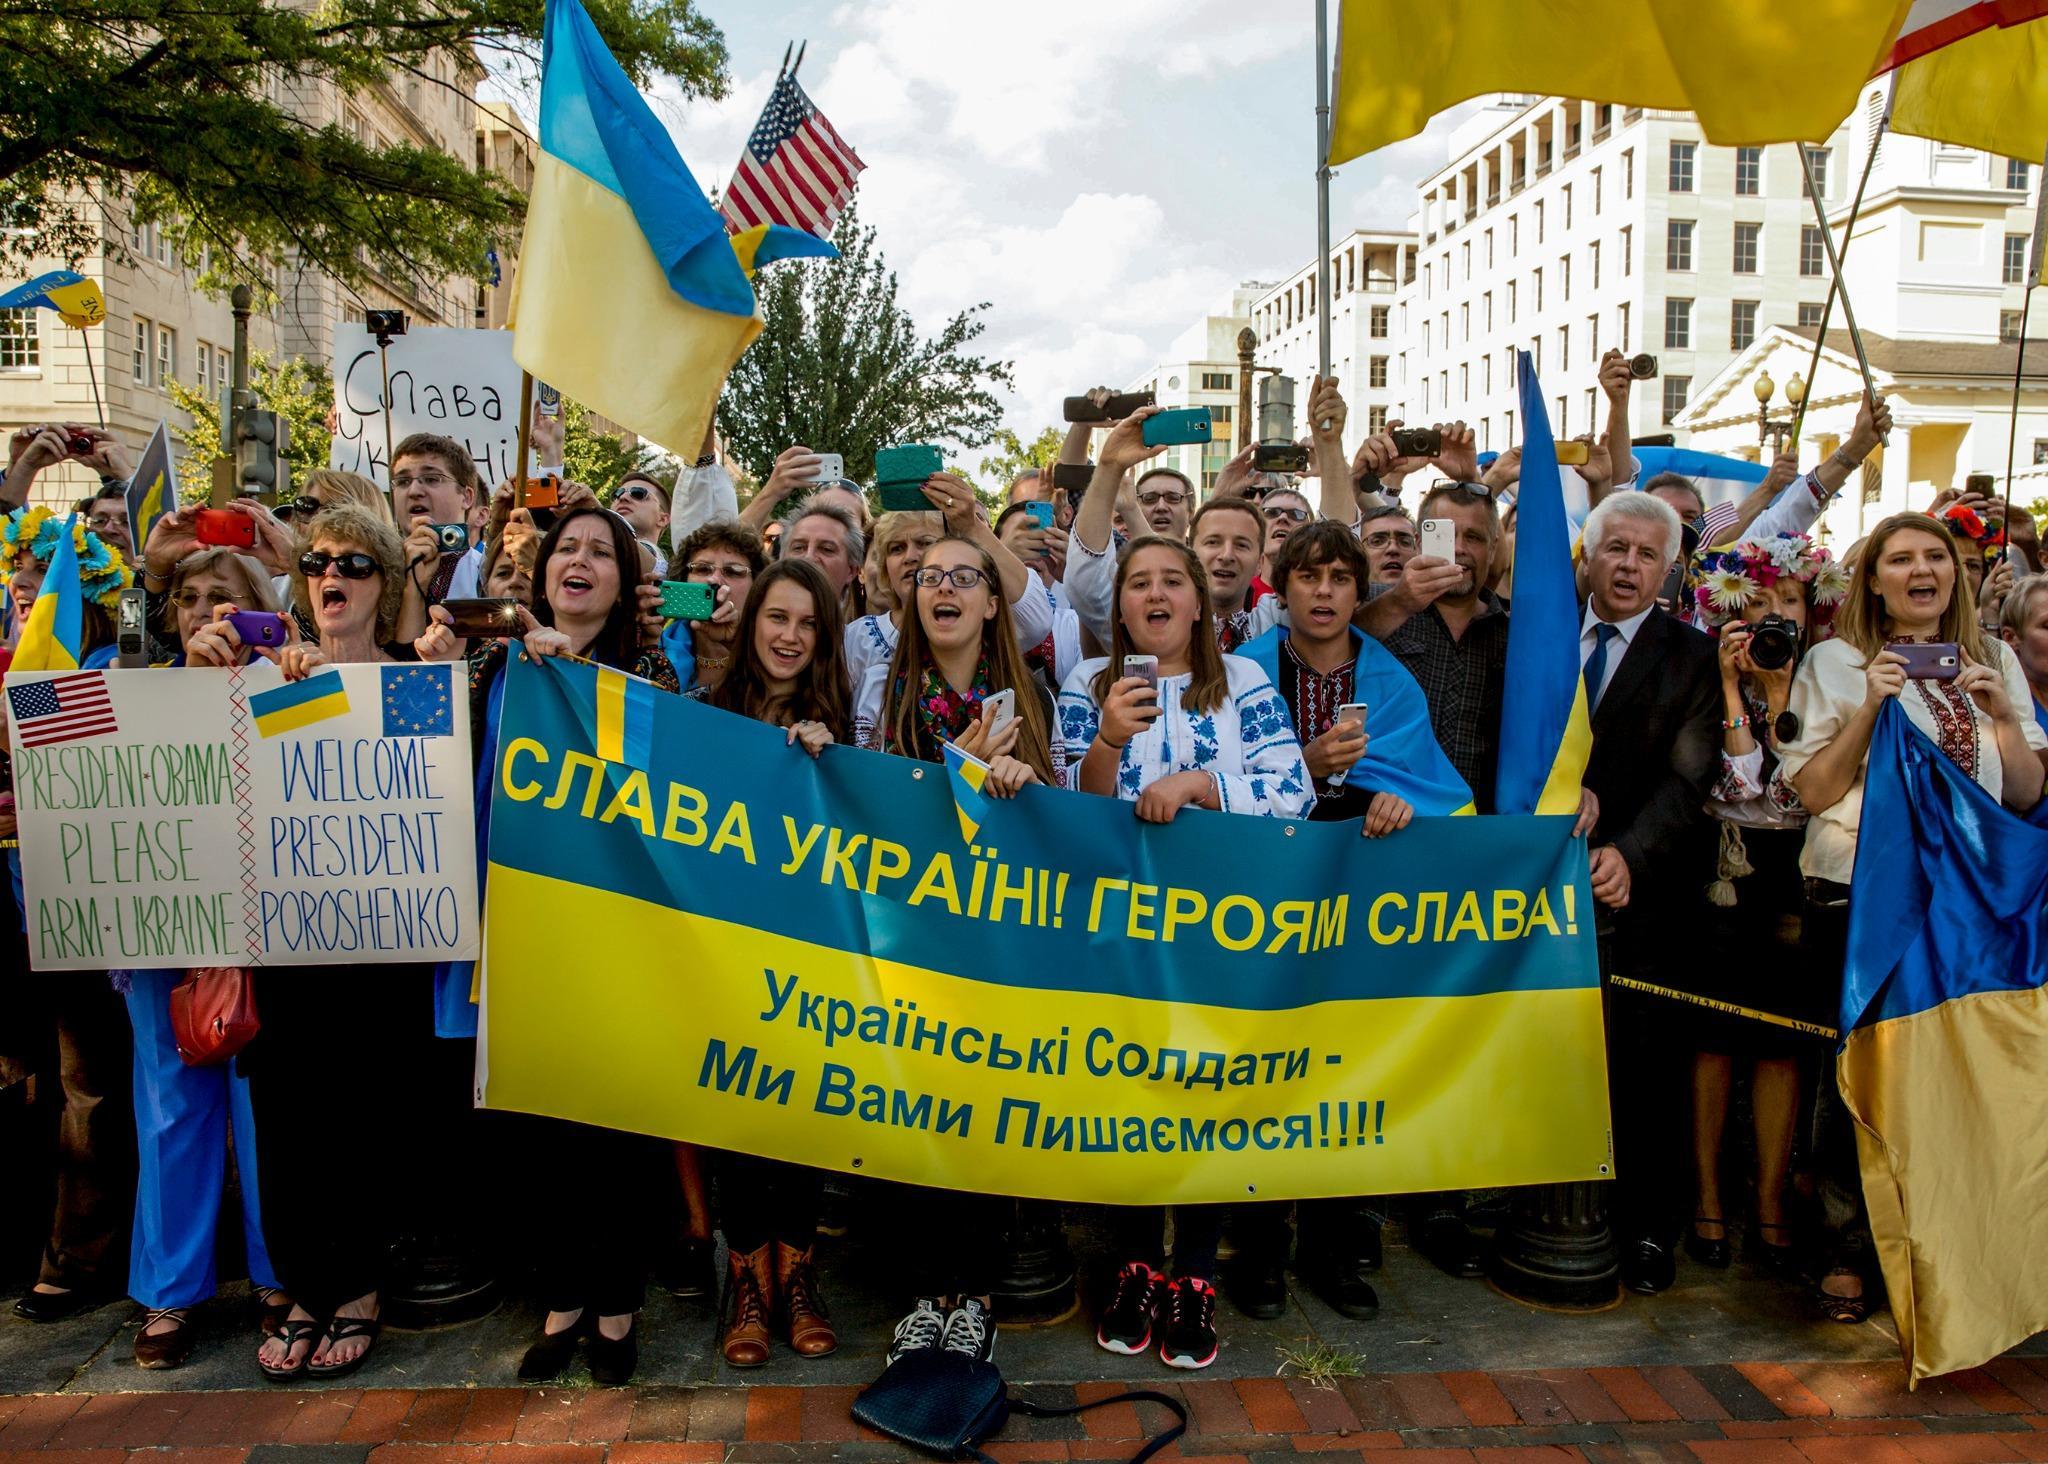 Из плена освобождены еще 35 украинских военнослужащих, - Порошенко - Цензор.НЕТ 3390